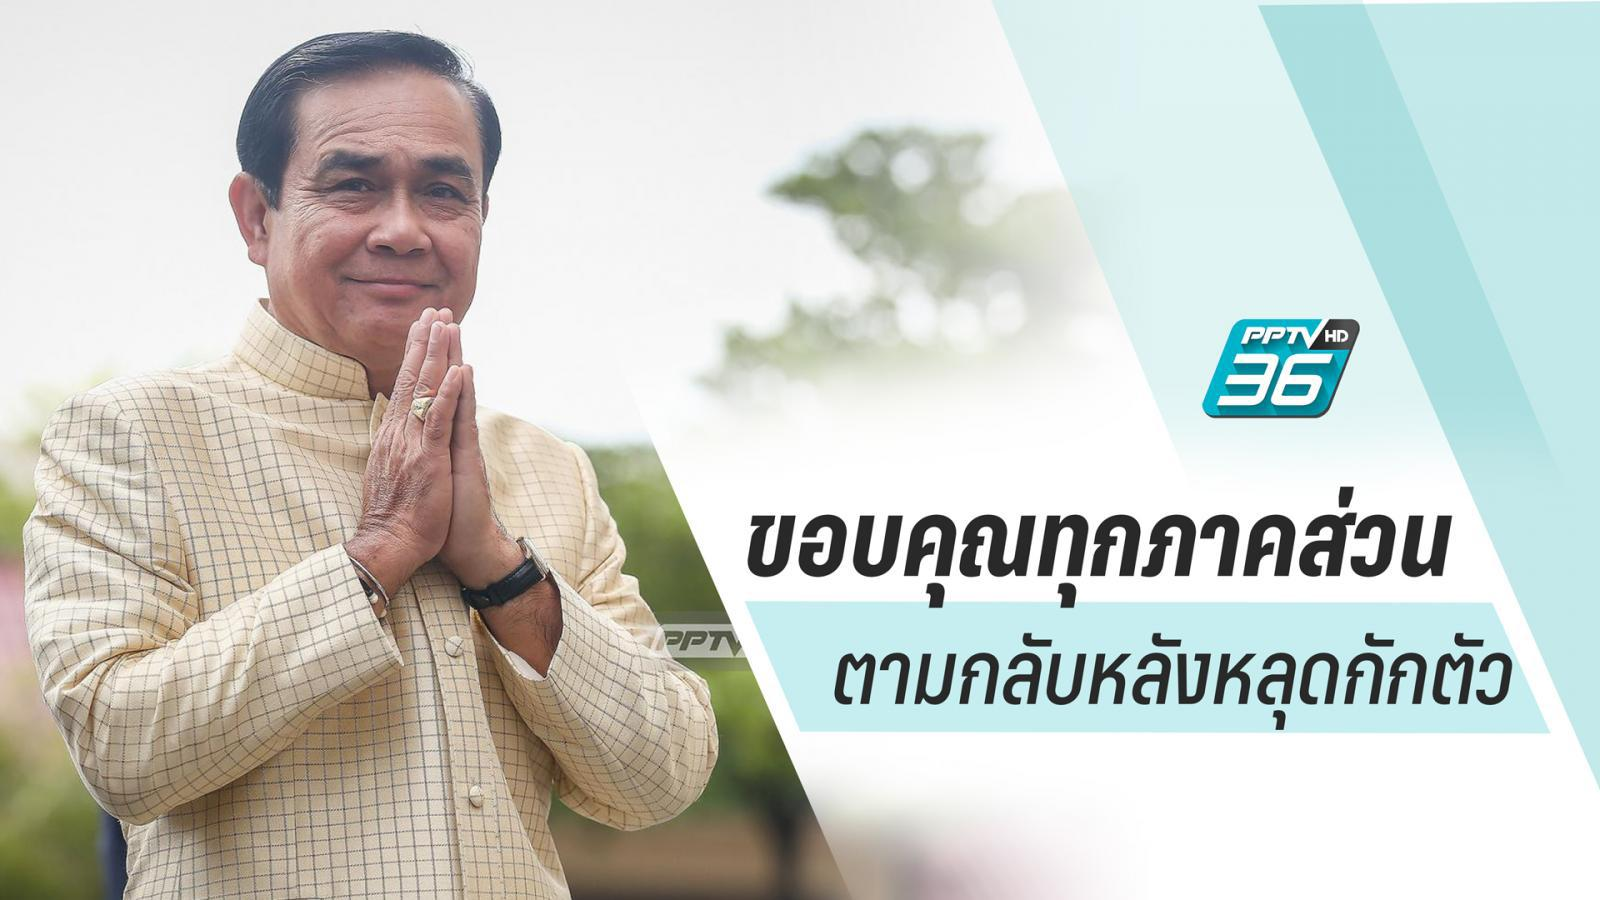 """นายกฯ ขอบคุณ """"158 คนไทย"""" ยอมกลับเข้าระบบกักตัวของรัฐ"""